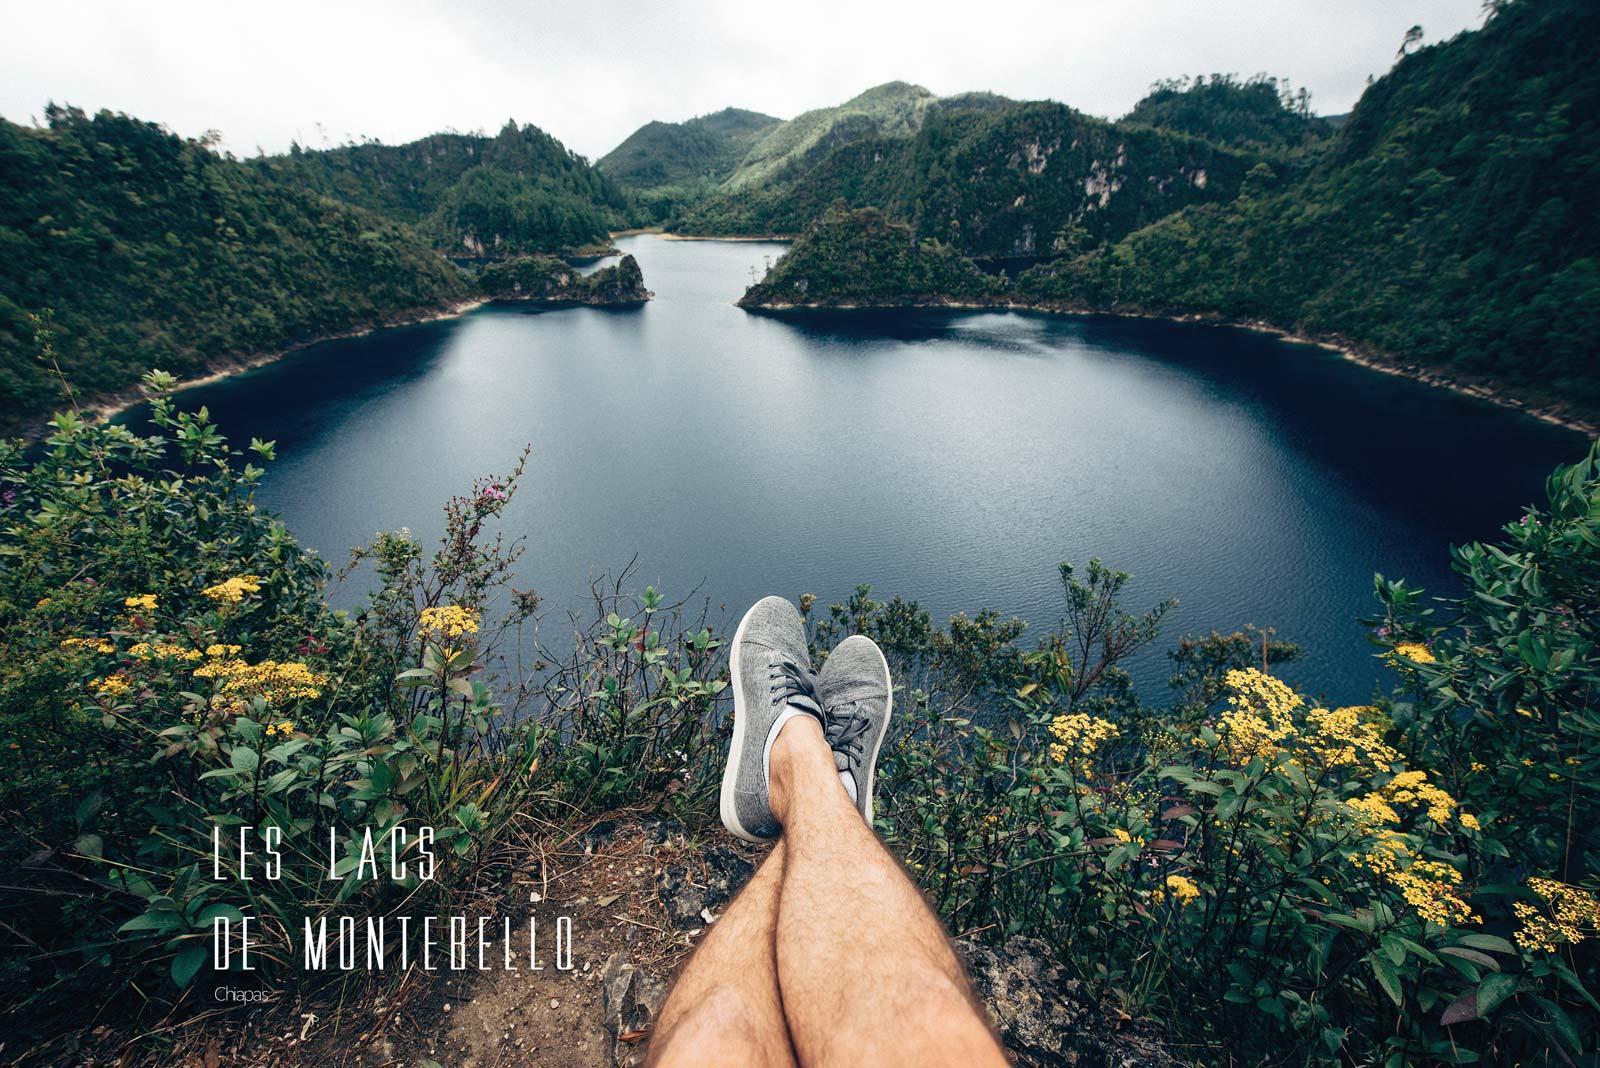 Parc National des lacs de Montebello, Chiapas, Mexique